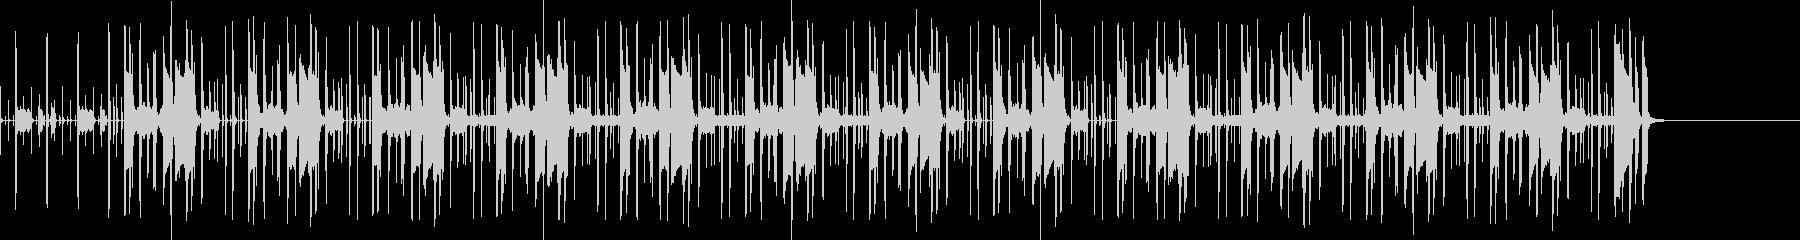 クイズ番組で考え中に流れるファンクの未再生の波形